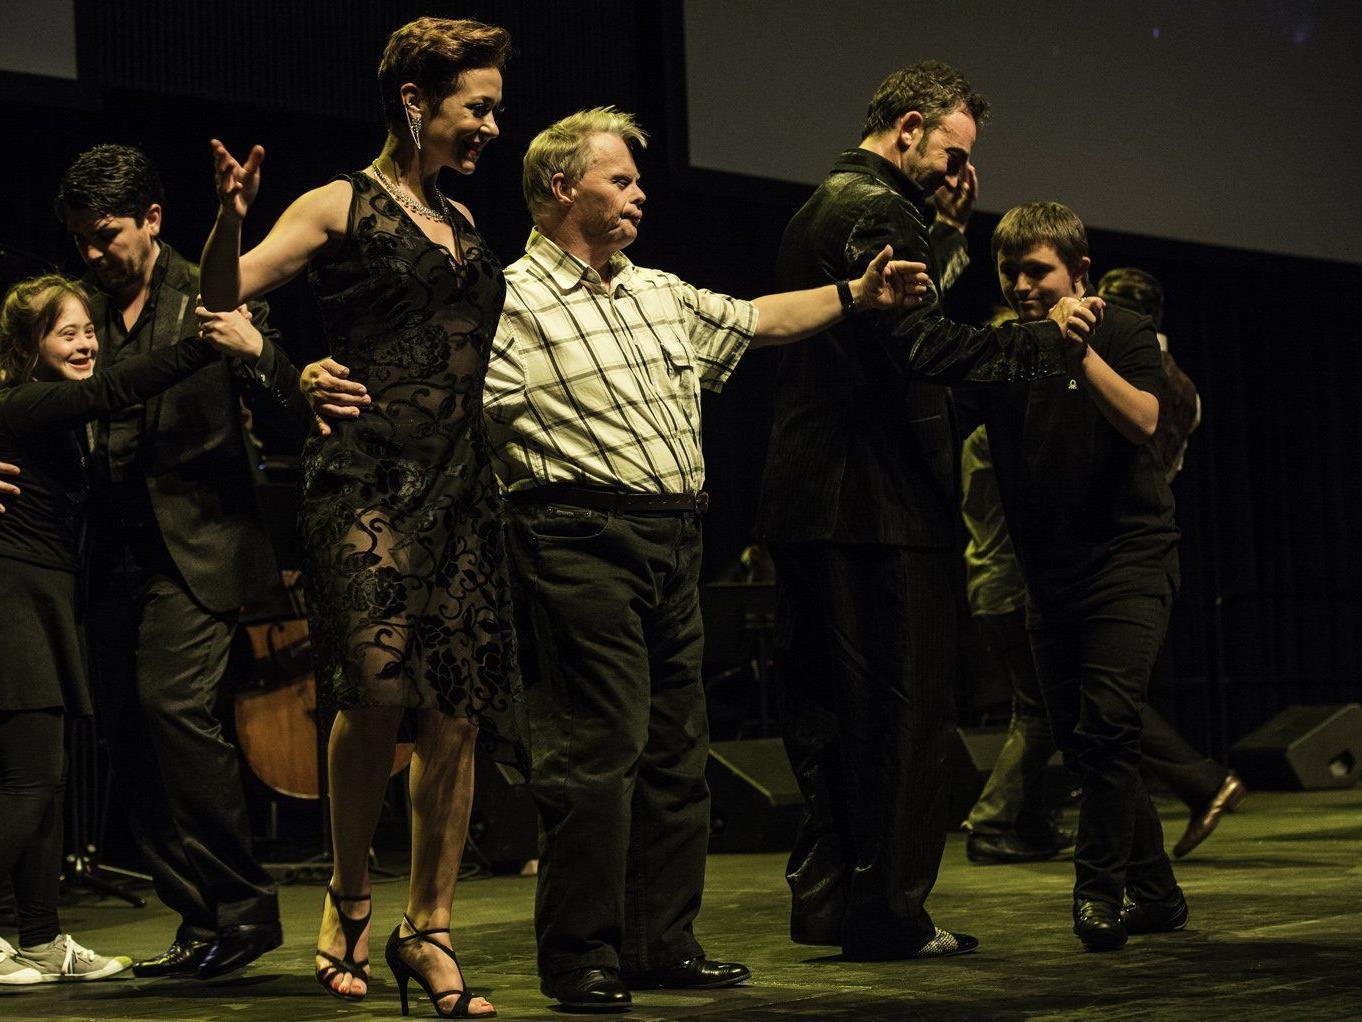 """Heute ab 18.30 Uhr gibt es """"Inklusion hautnah"""" mit Tango im Festspielhaus - bei freiem Eintritt!"""